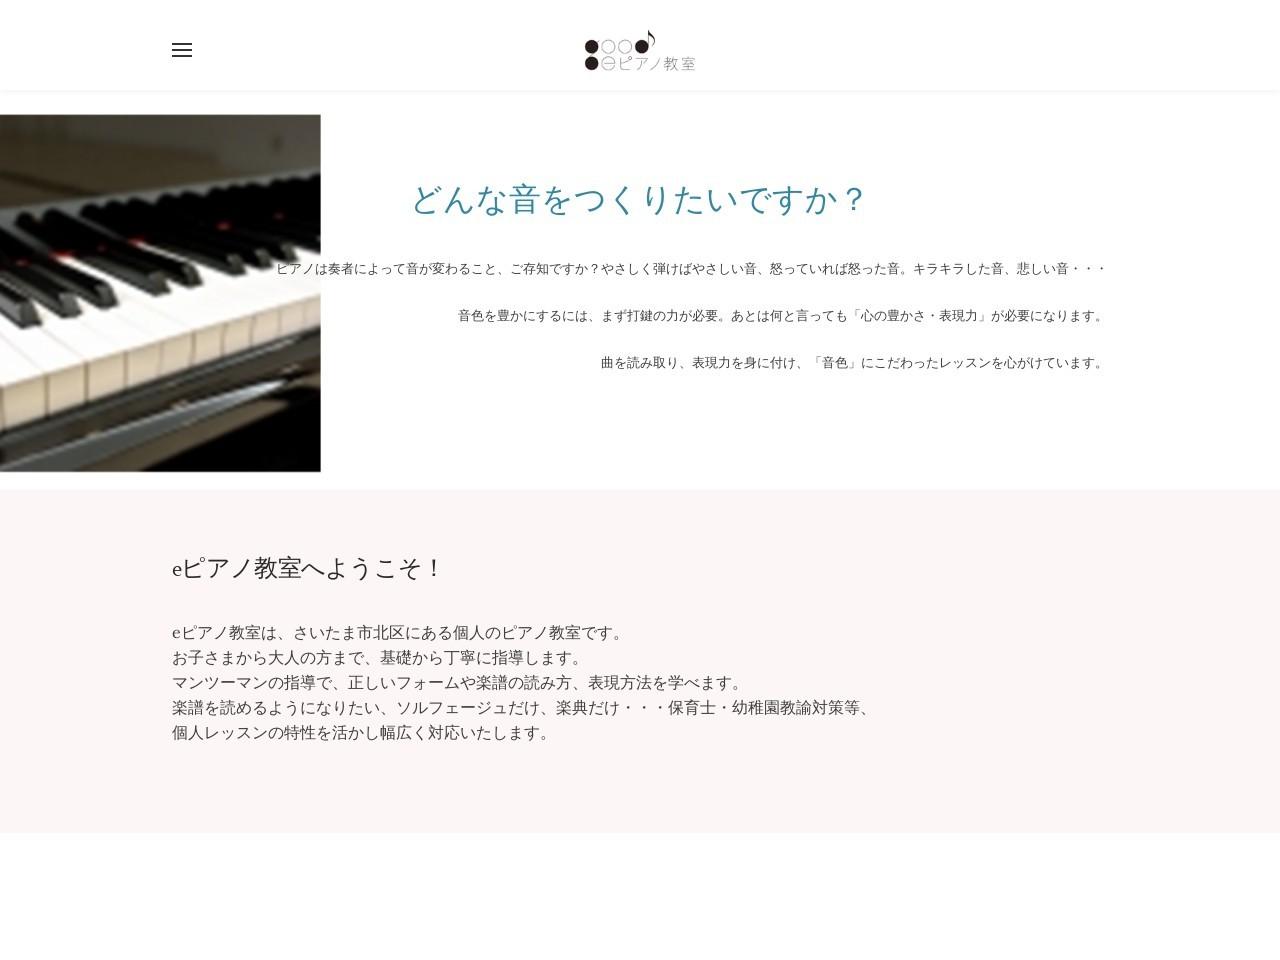 eピアノ教室のサムネイル